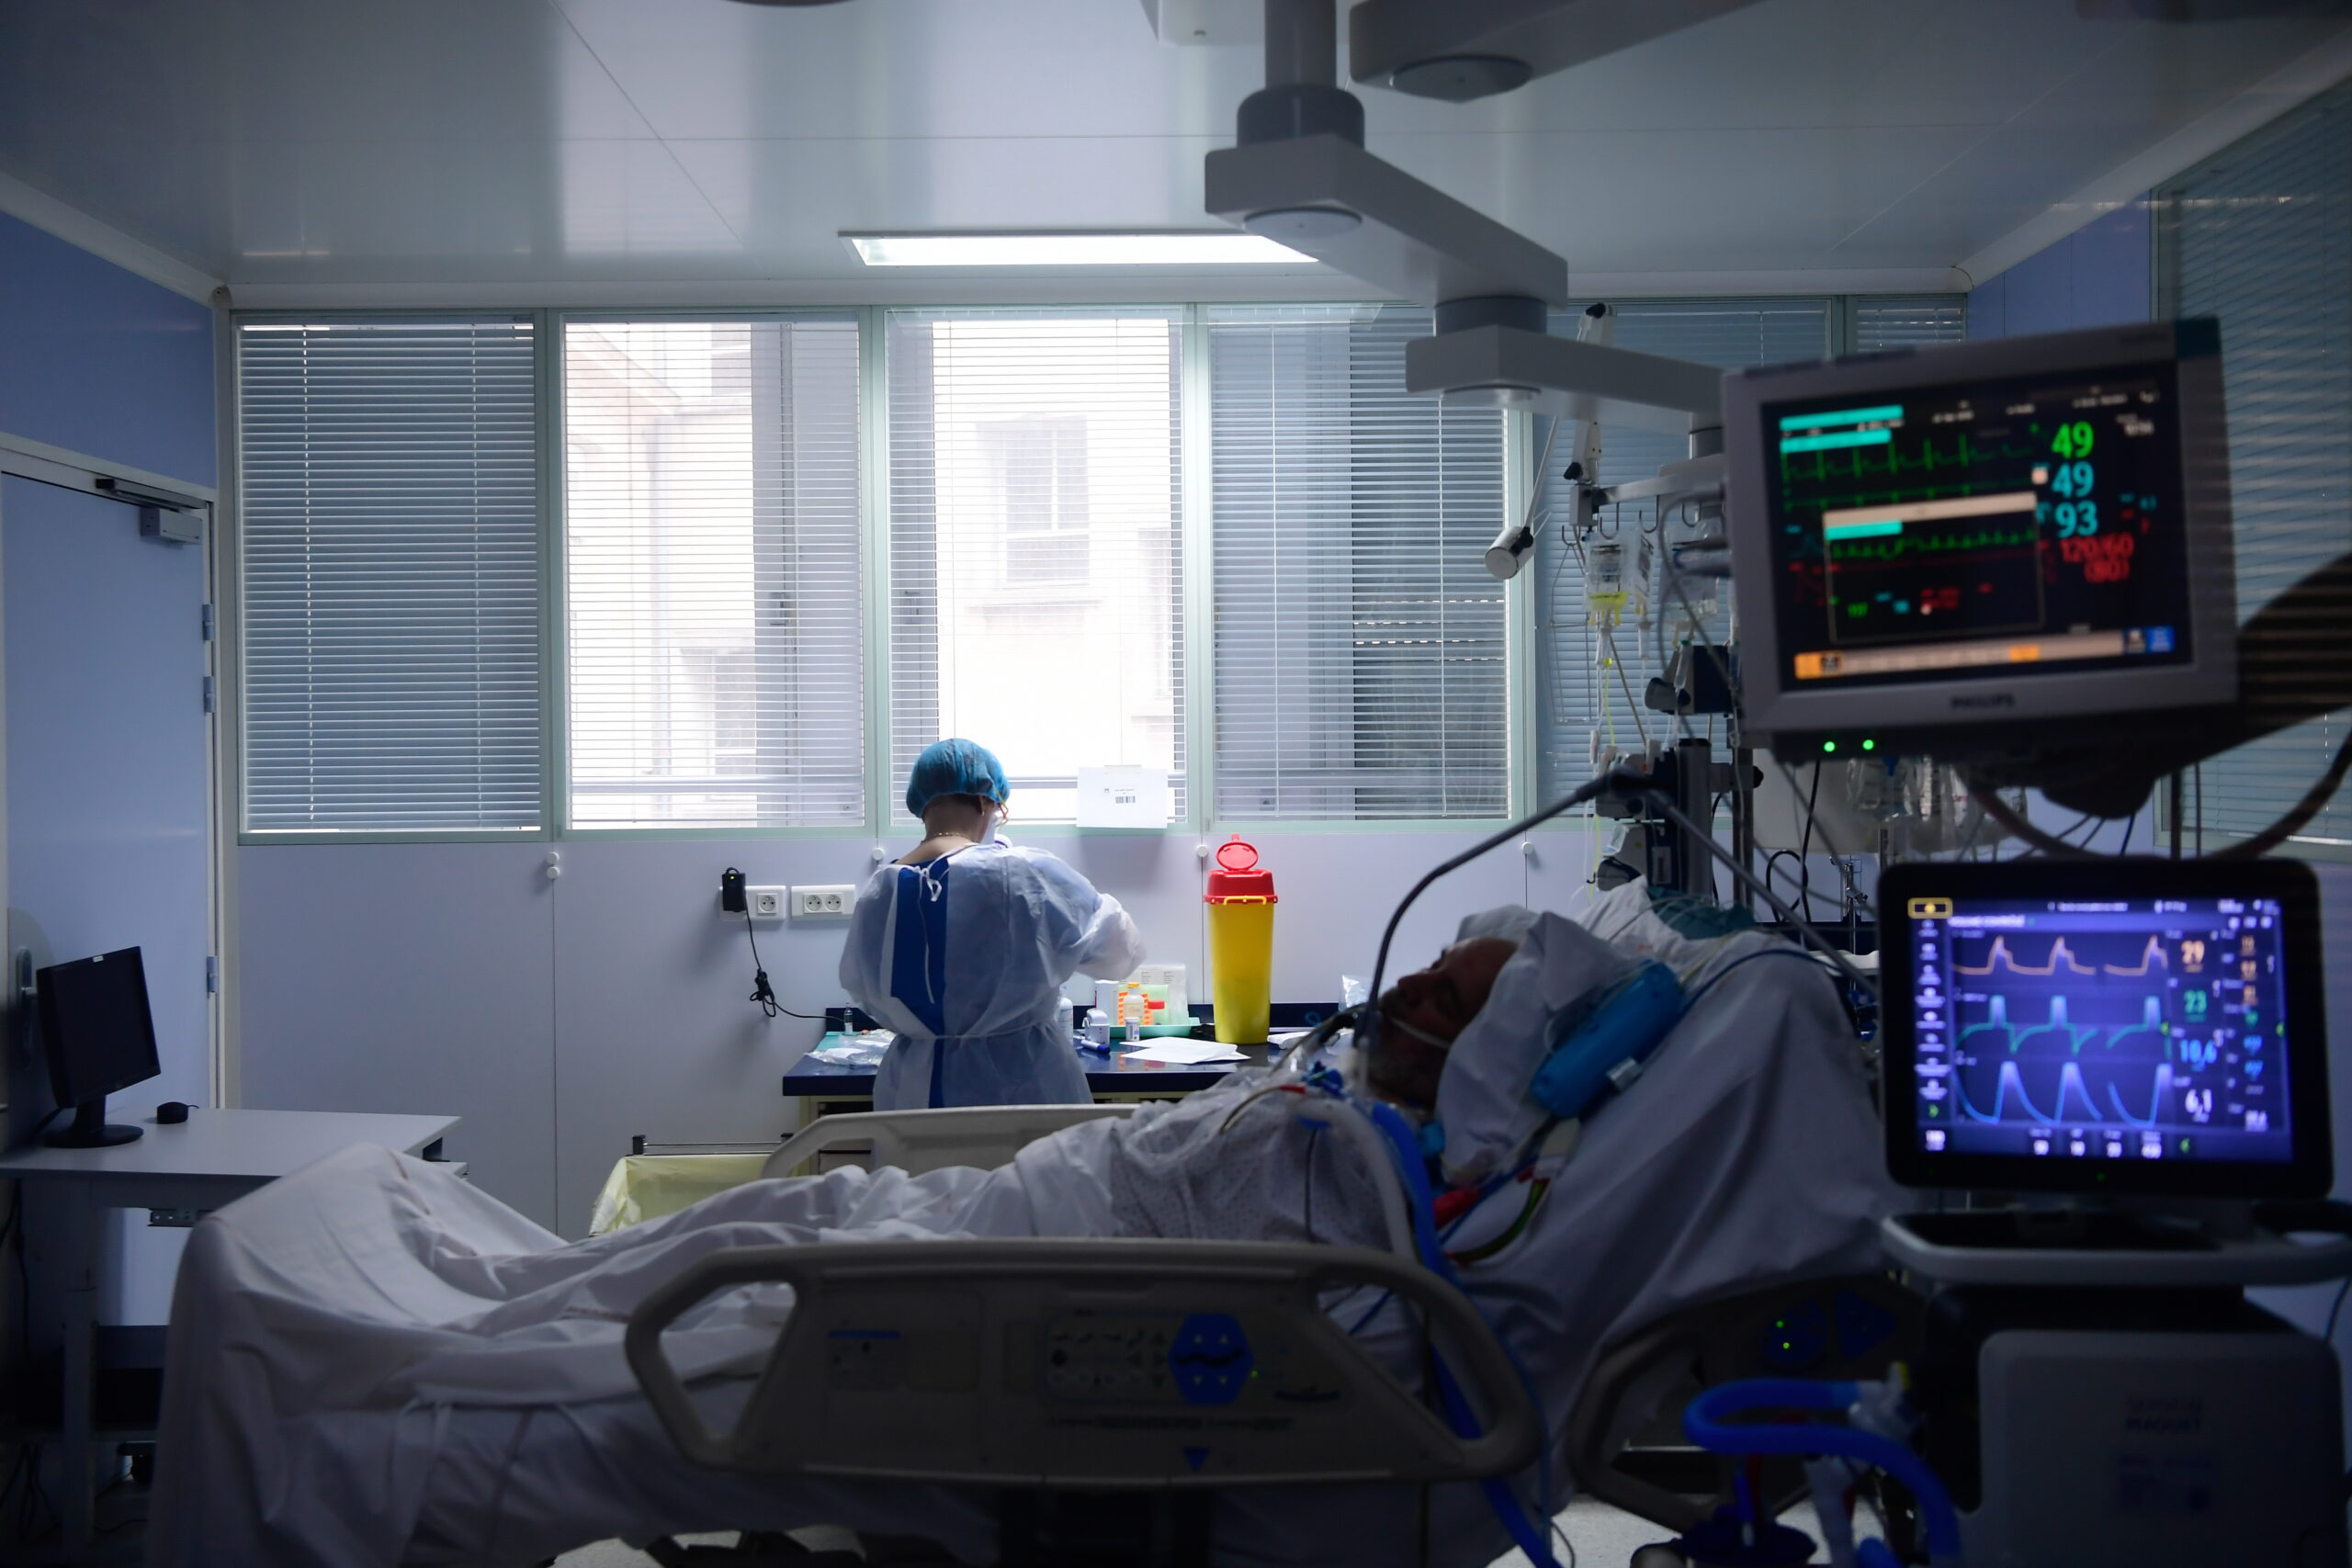 Șeful de la Infecțioase avertizează: Va fi cumplit! Medici decid cine trăiește, cine moare